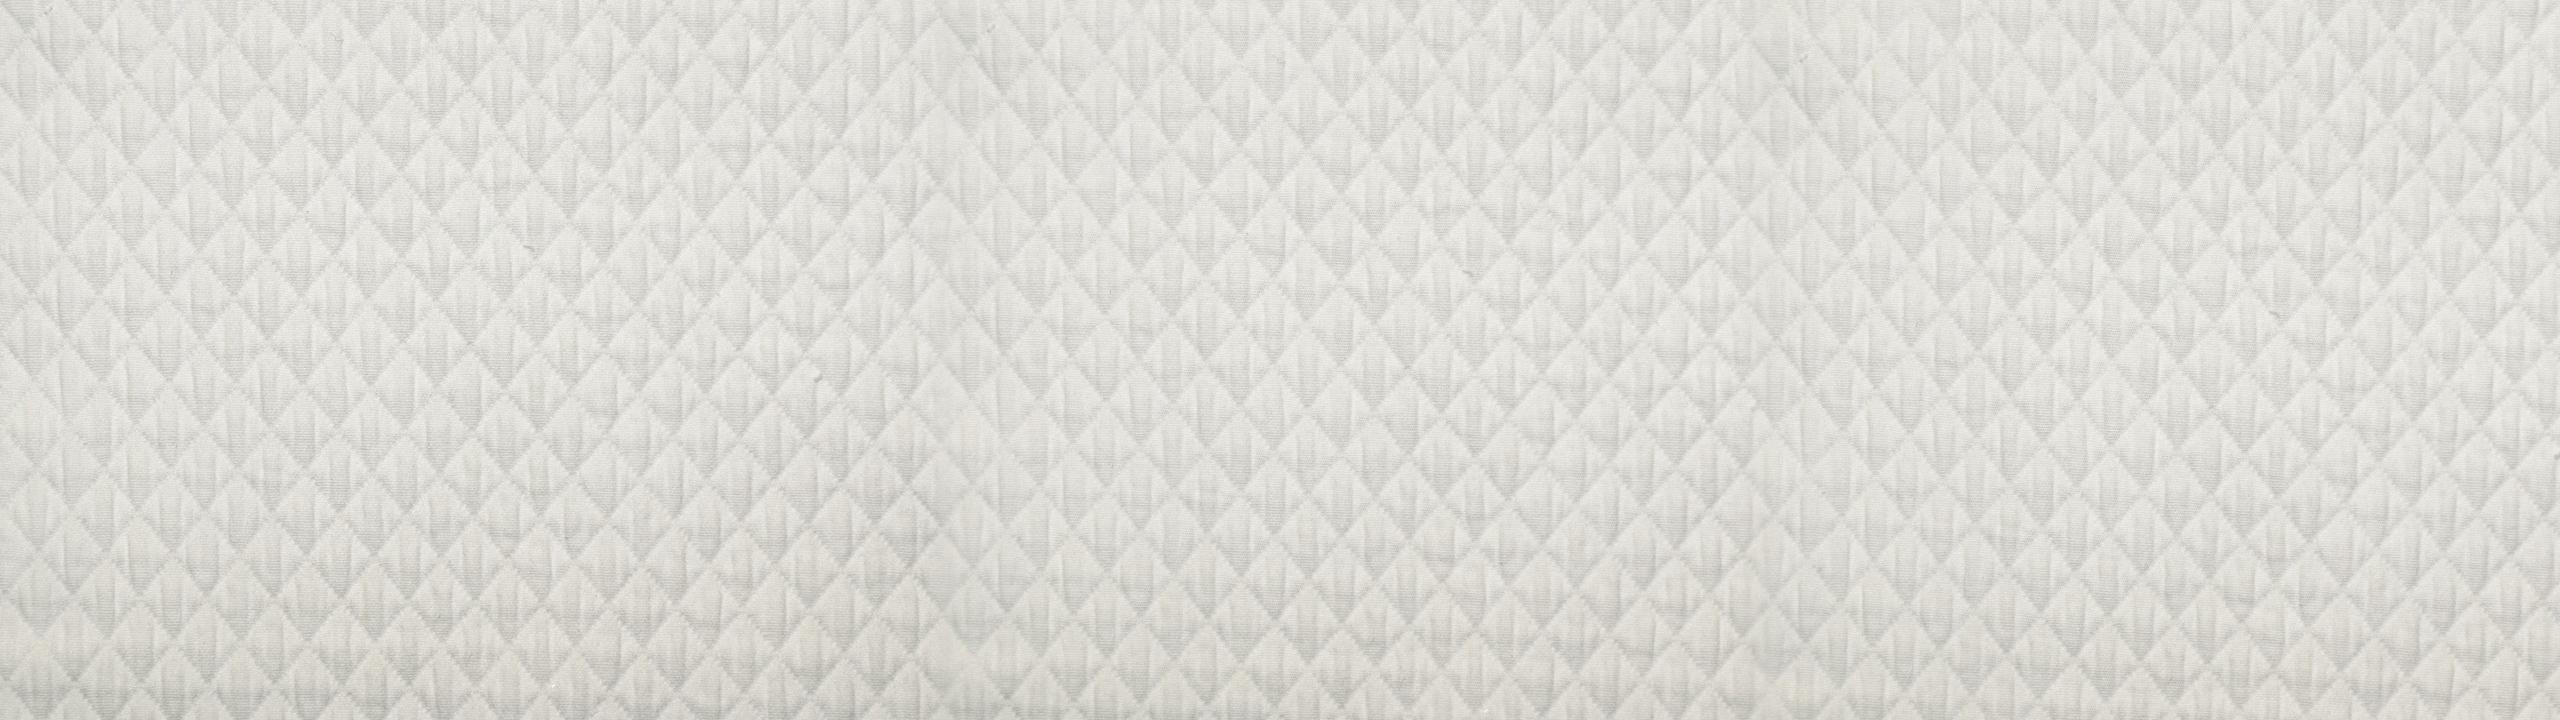 Bianco-Never-504-11